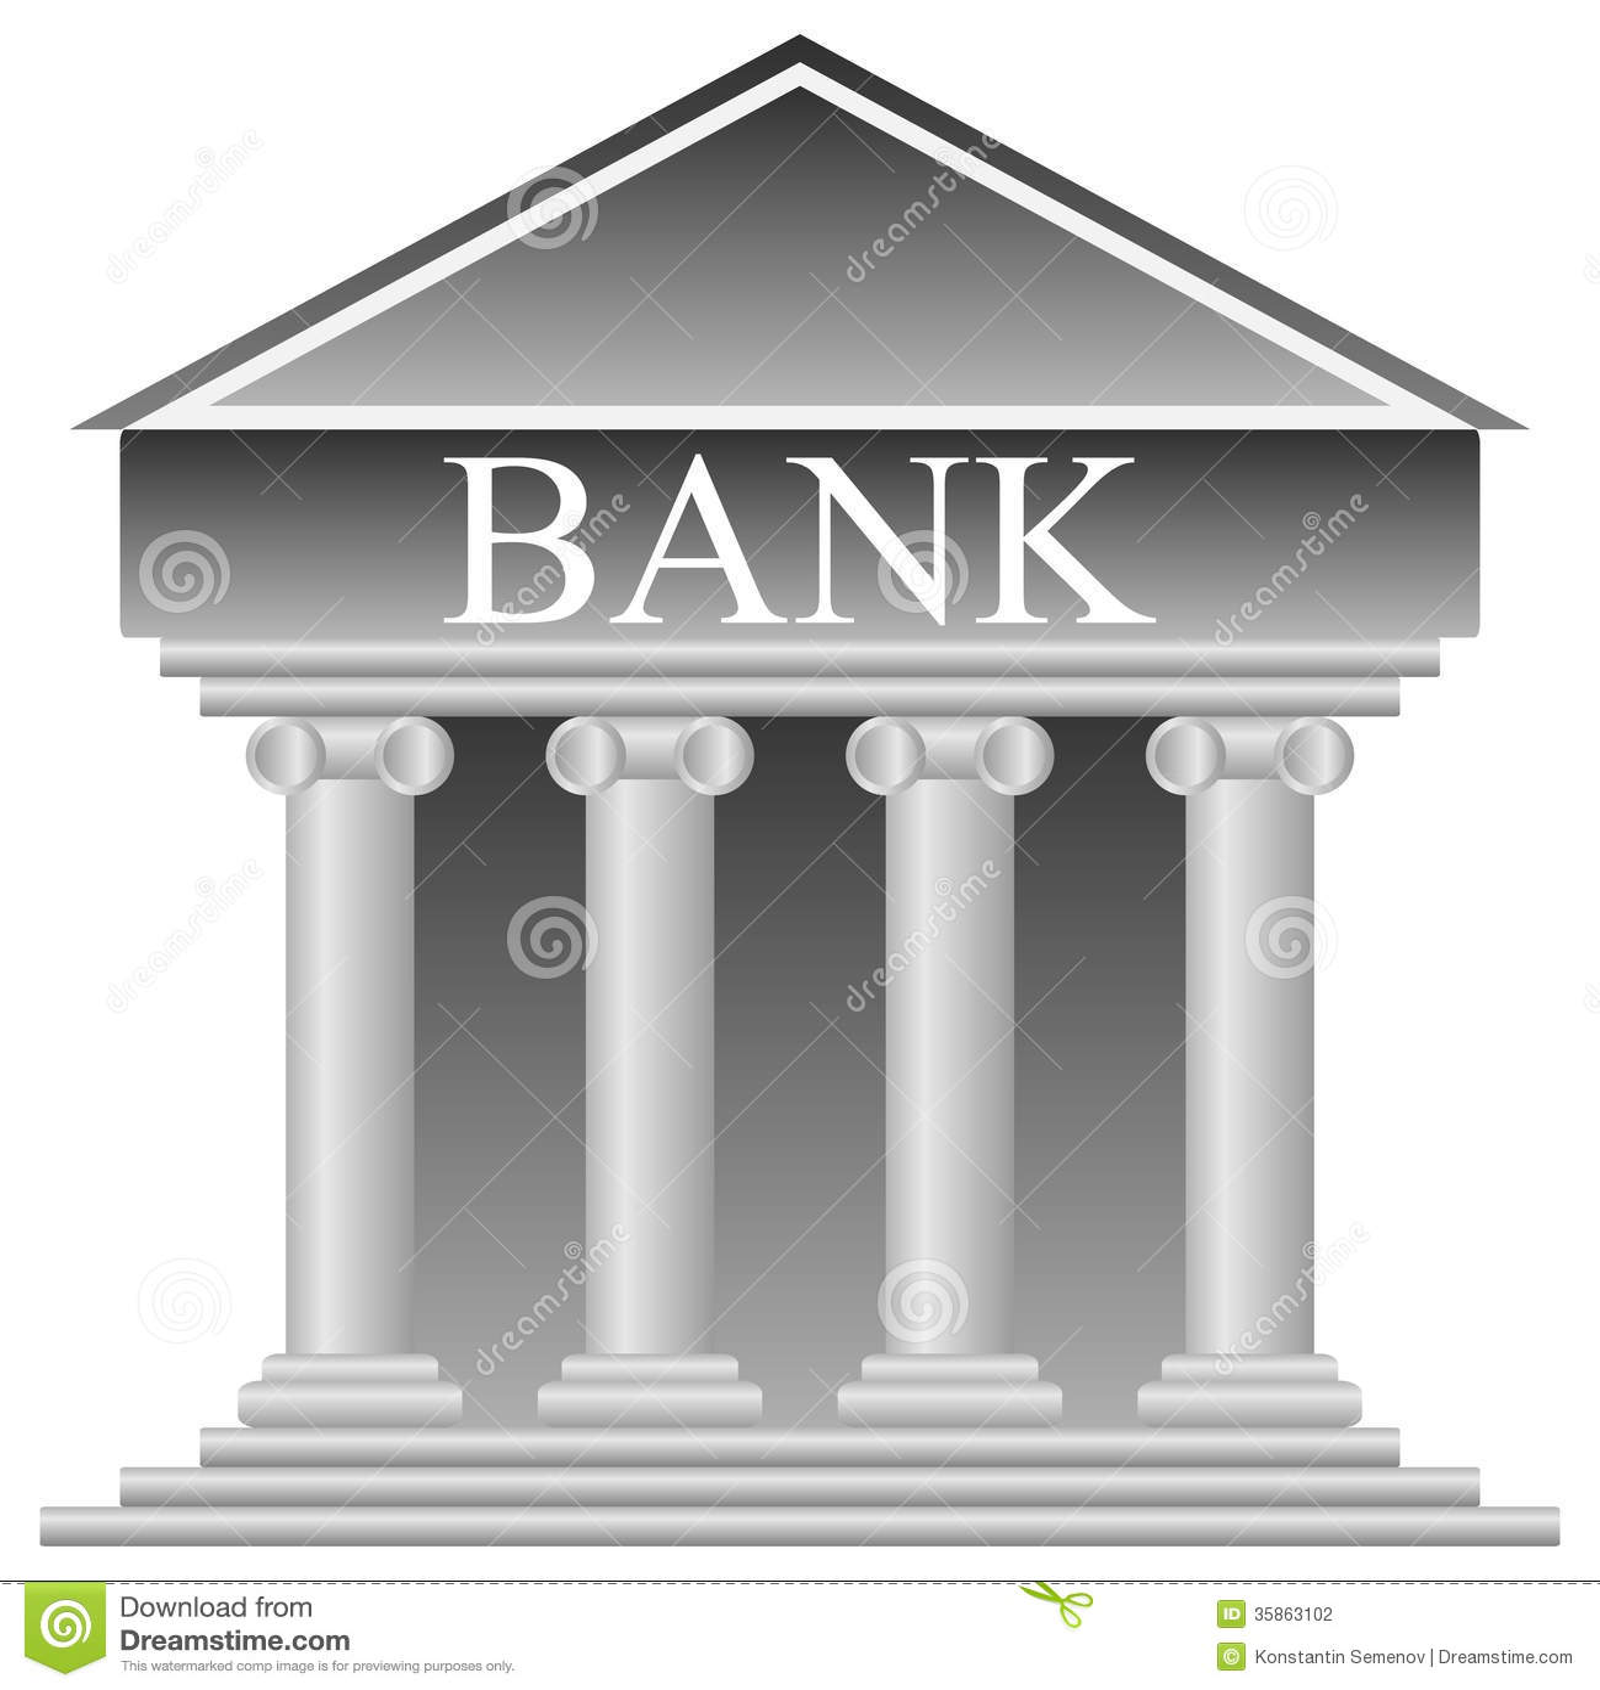 Bank Icon Stock Photog...